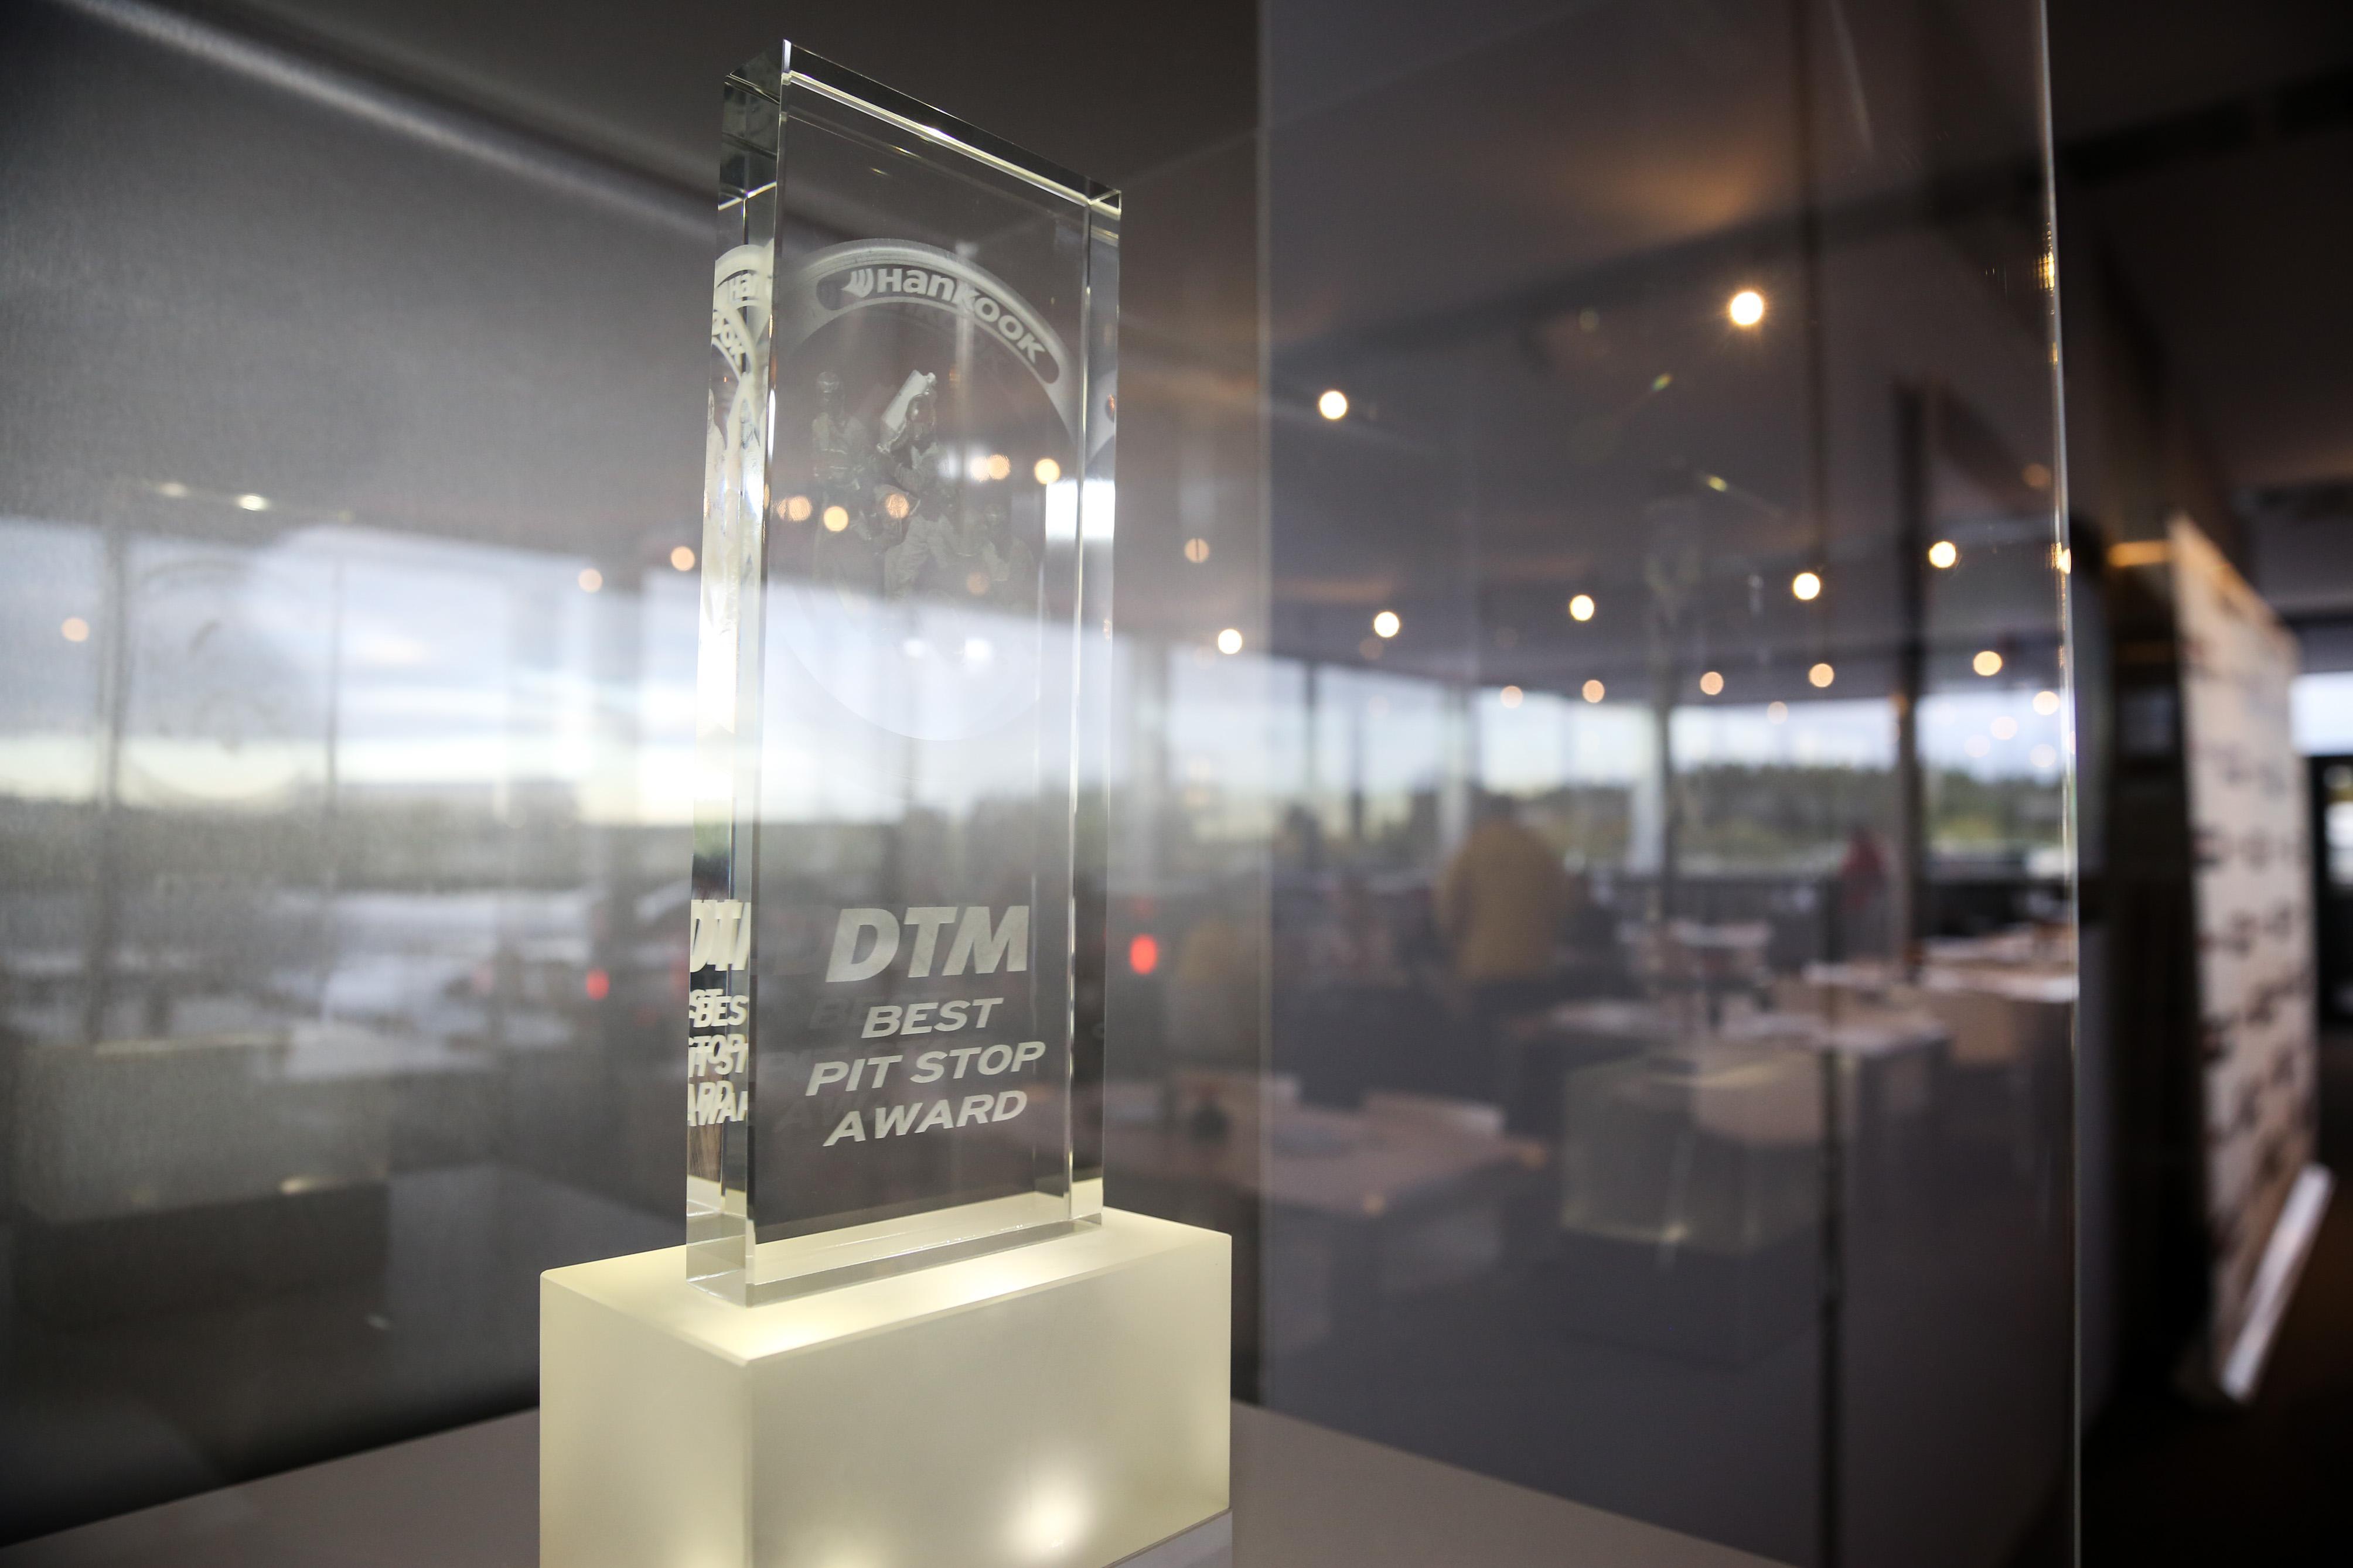 Hankook Tire вручила свой приз за самый быстрый пит-стоп в серии DTM